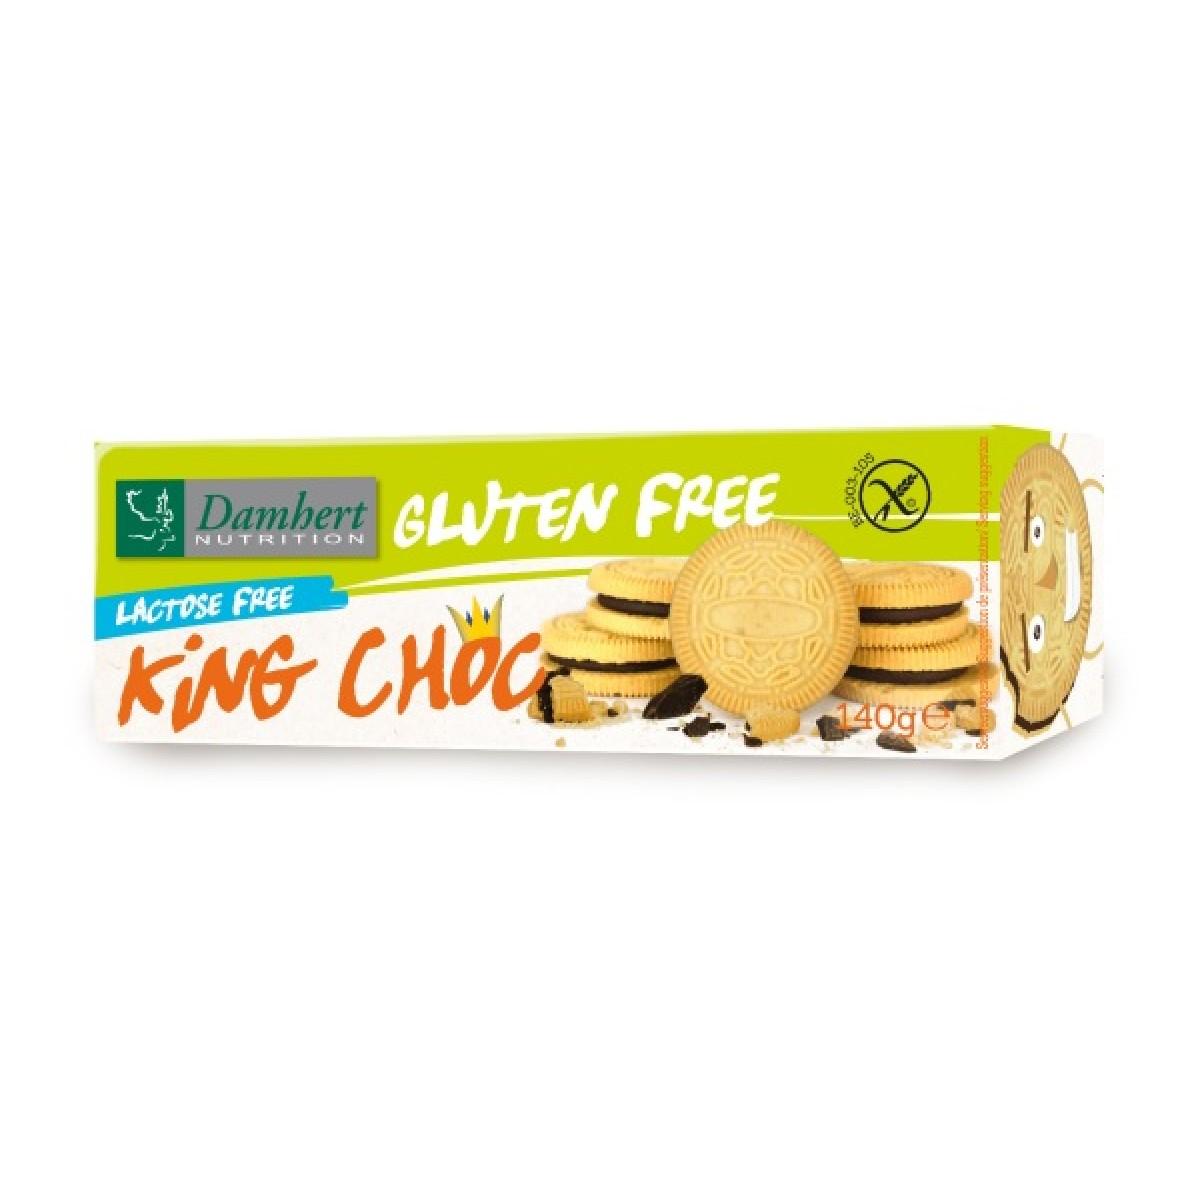 King Choc Koekjes